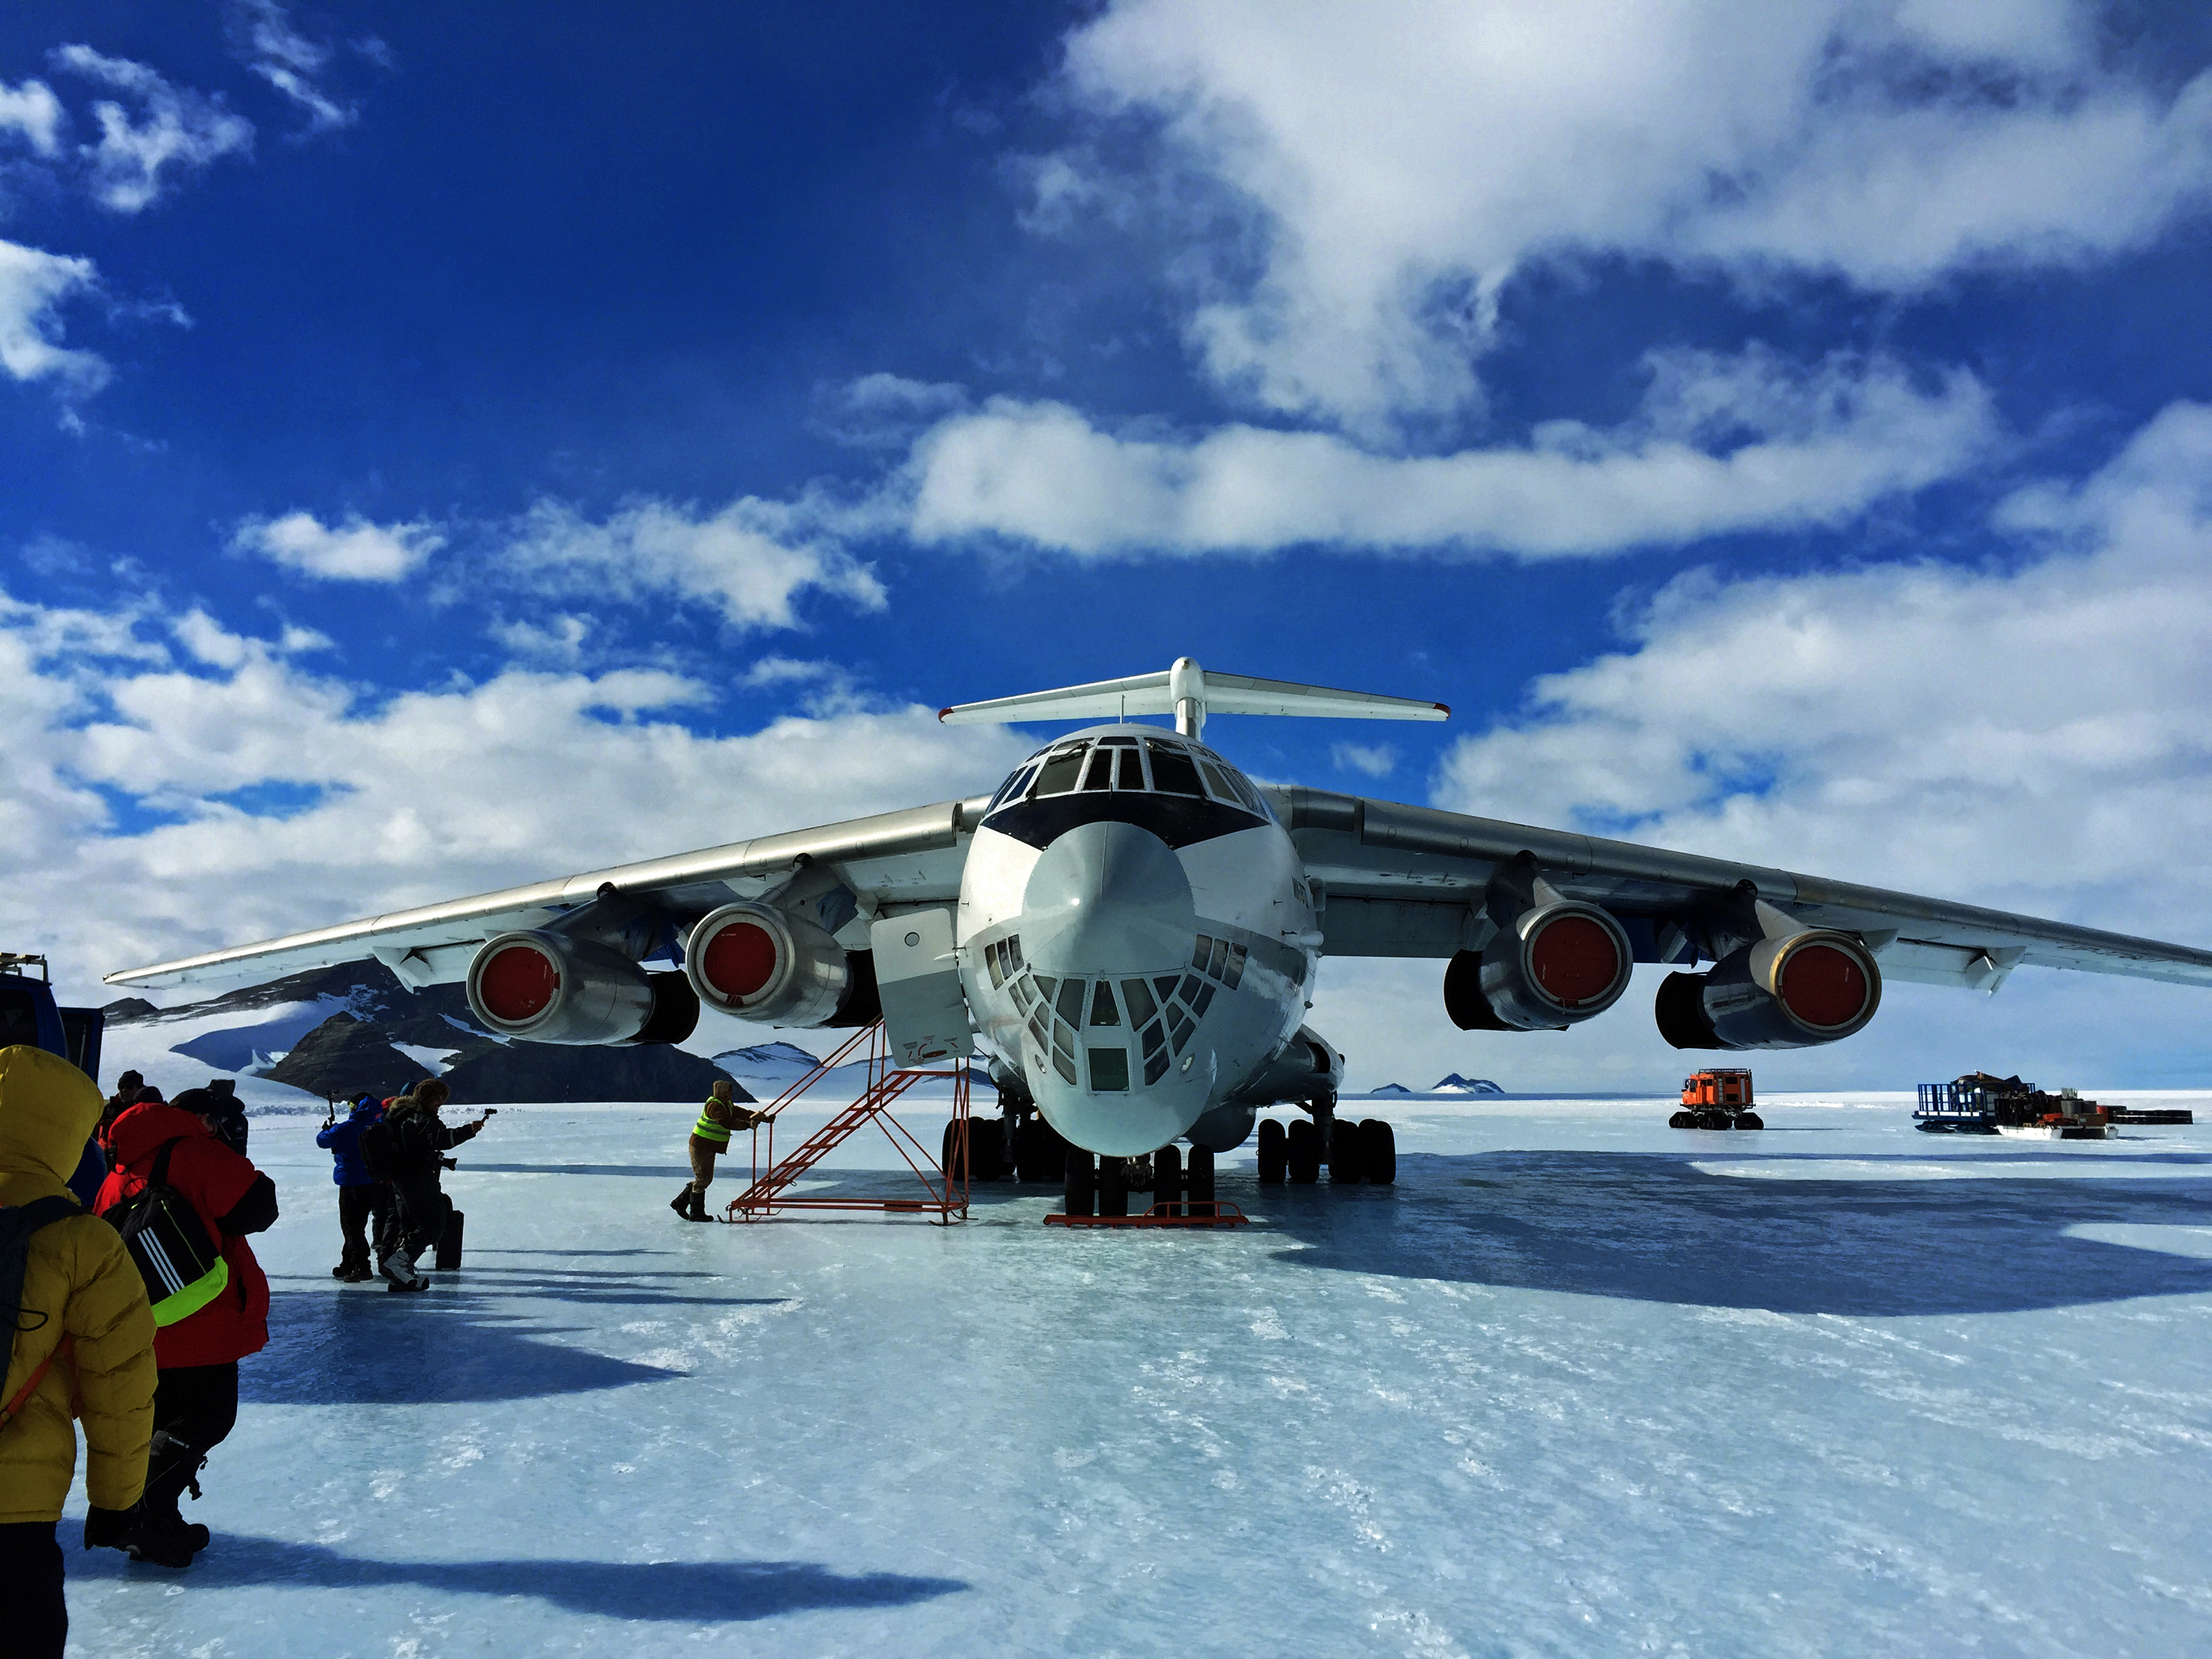 The Ilyushin on the Blue Ice Runway